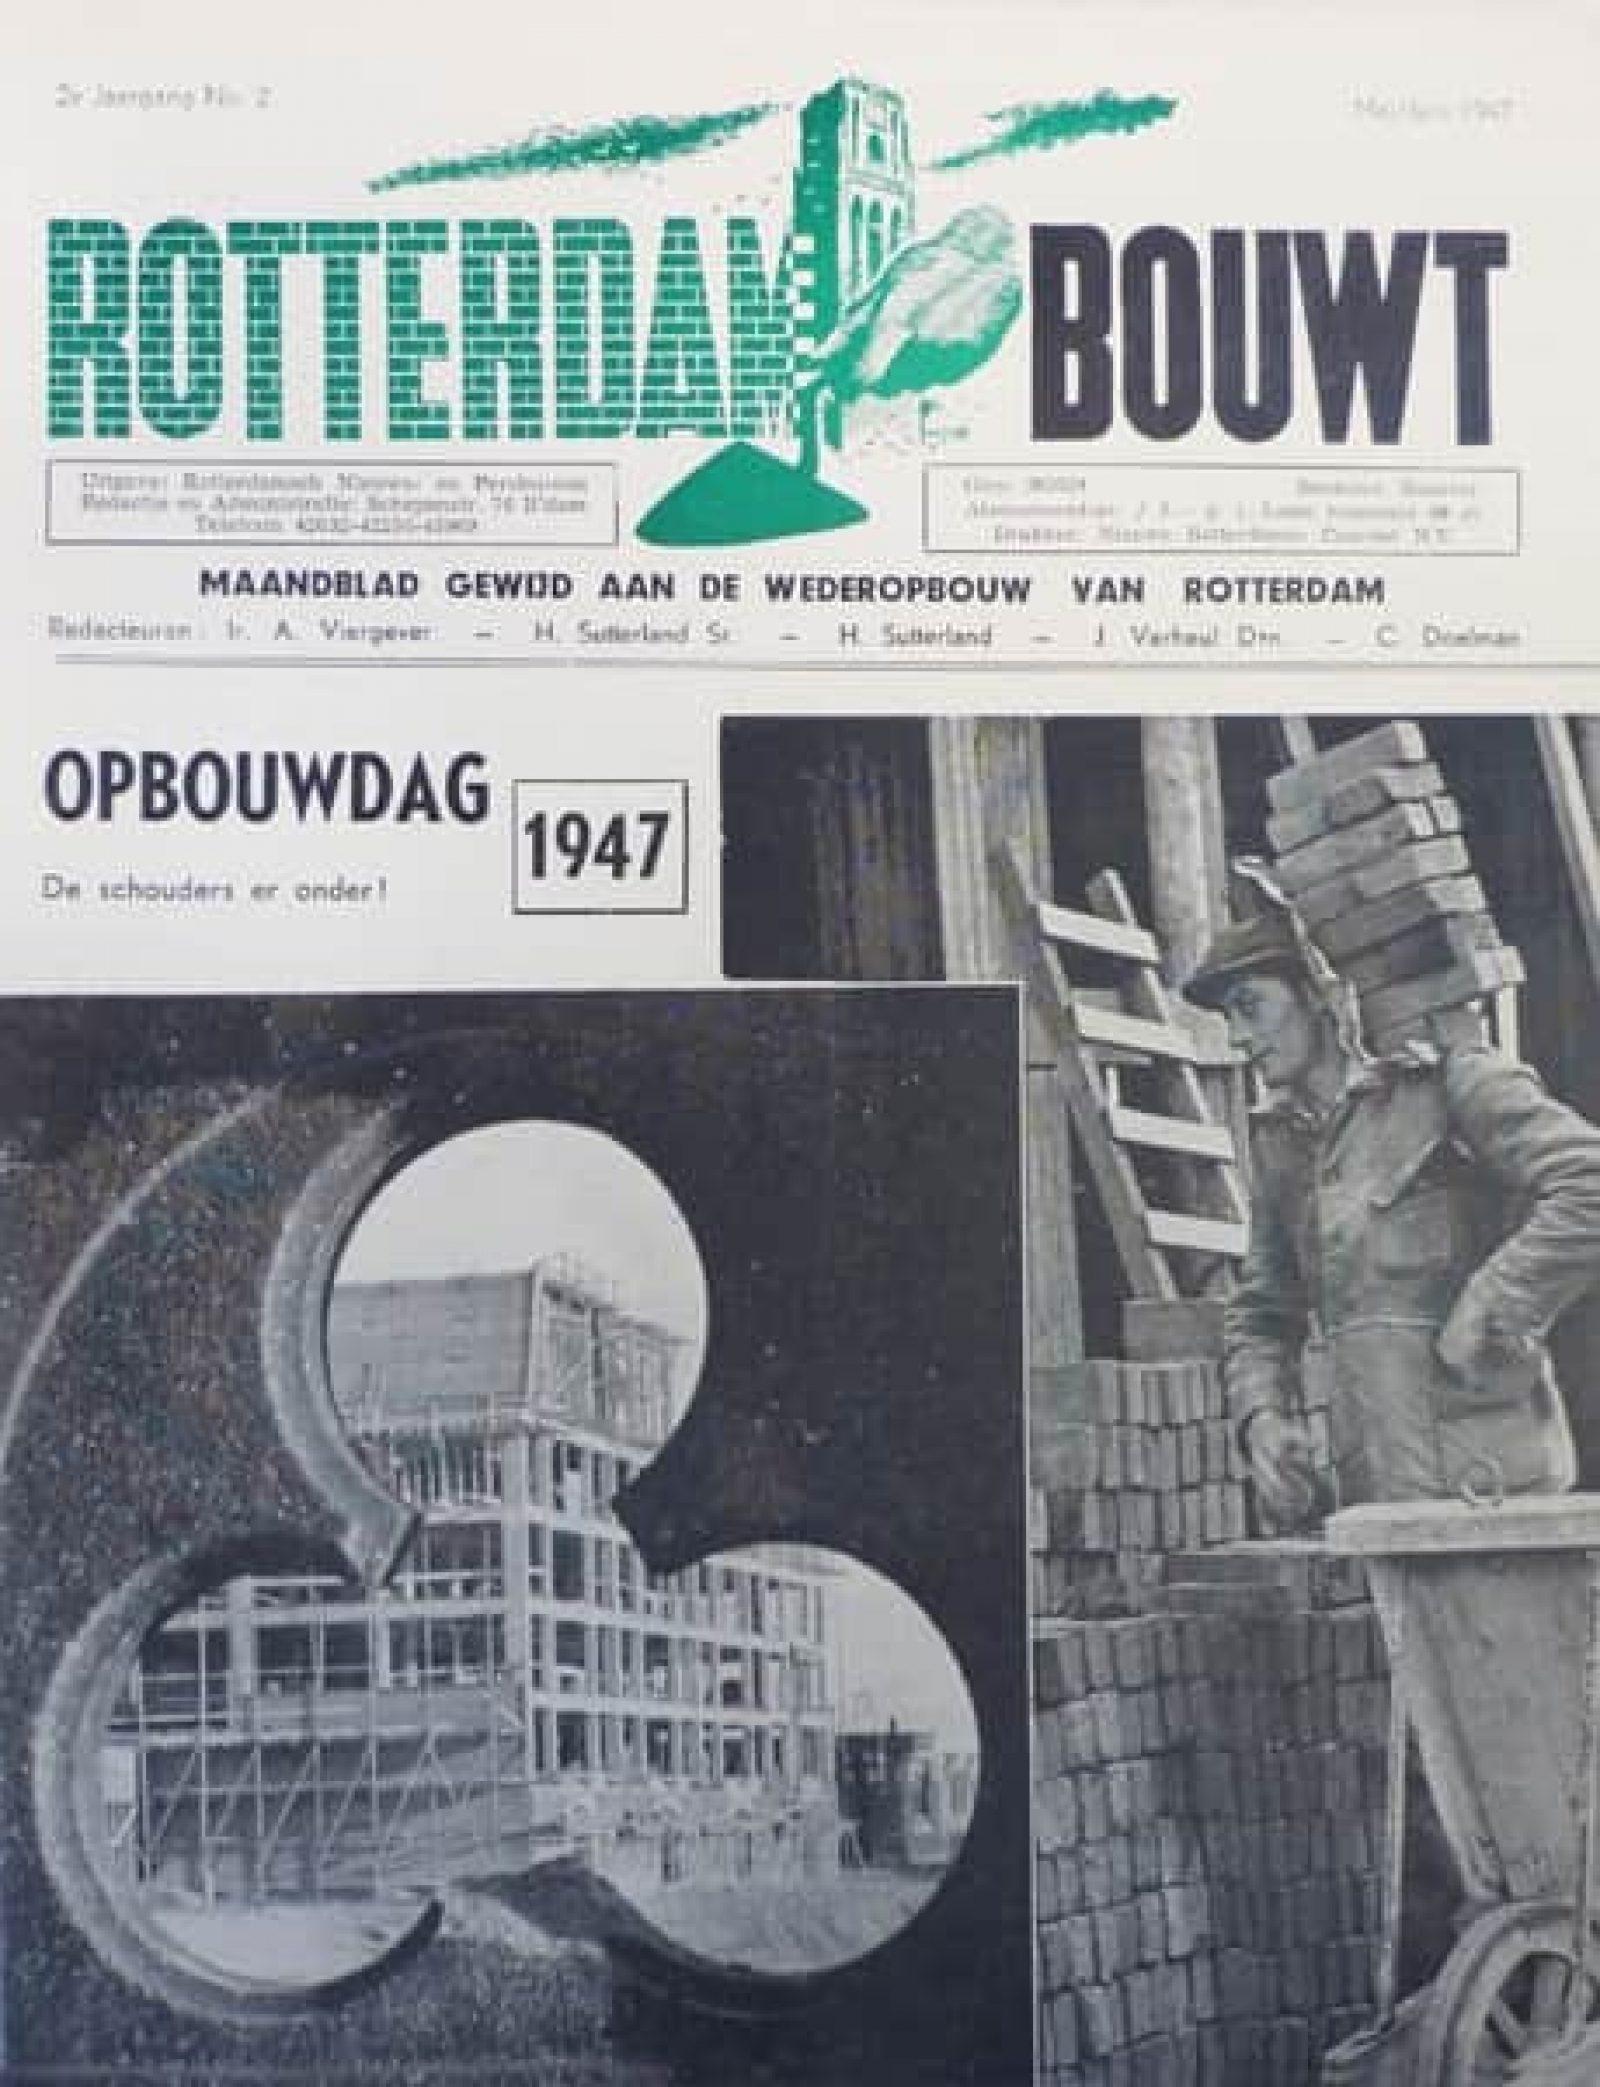 Scan Opbouwdag Rotterdambouwt